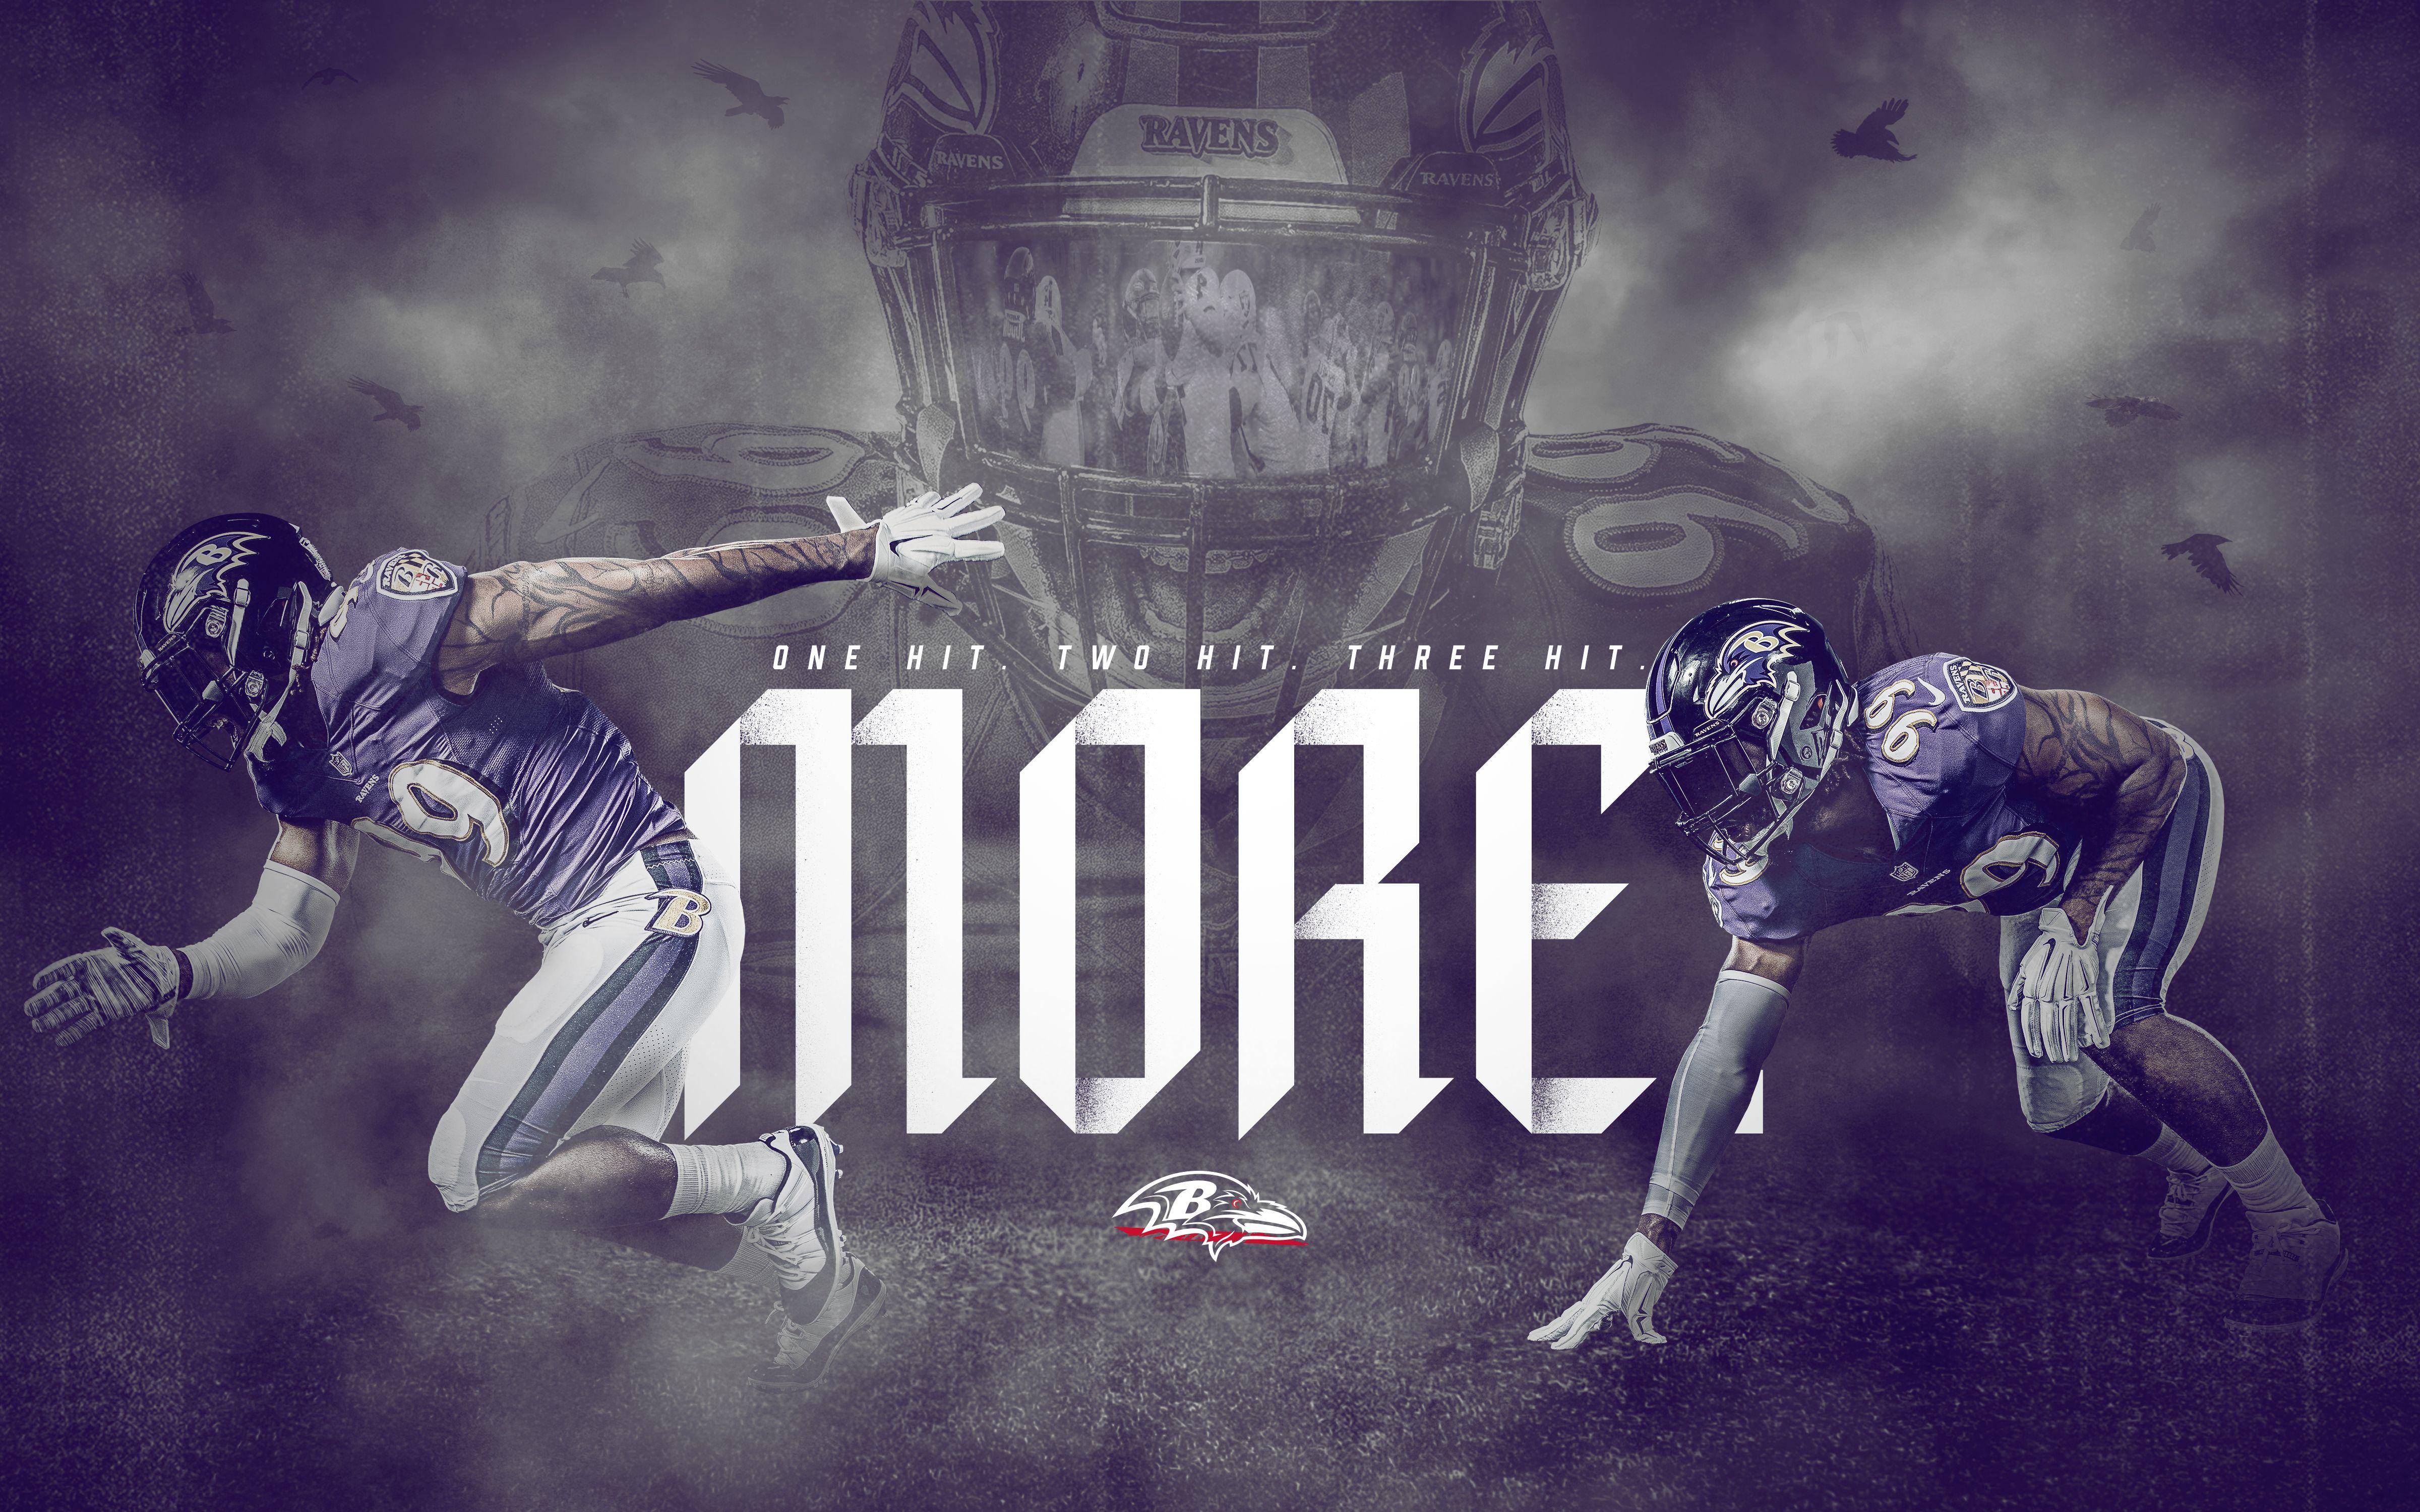 Baltimore Ravens Computer Wallpaper In 2020 Ravens Football Football Wallpaper Nfl Football Wallpaper